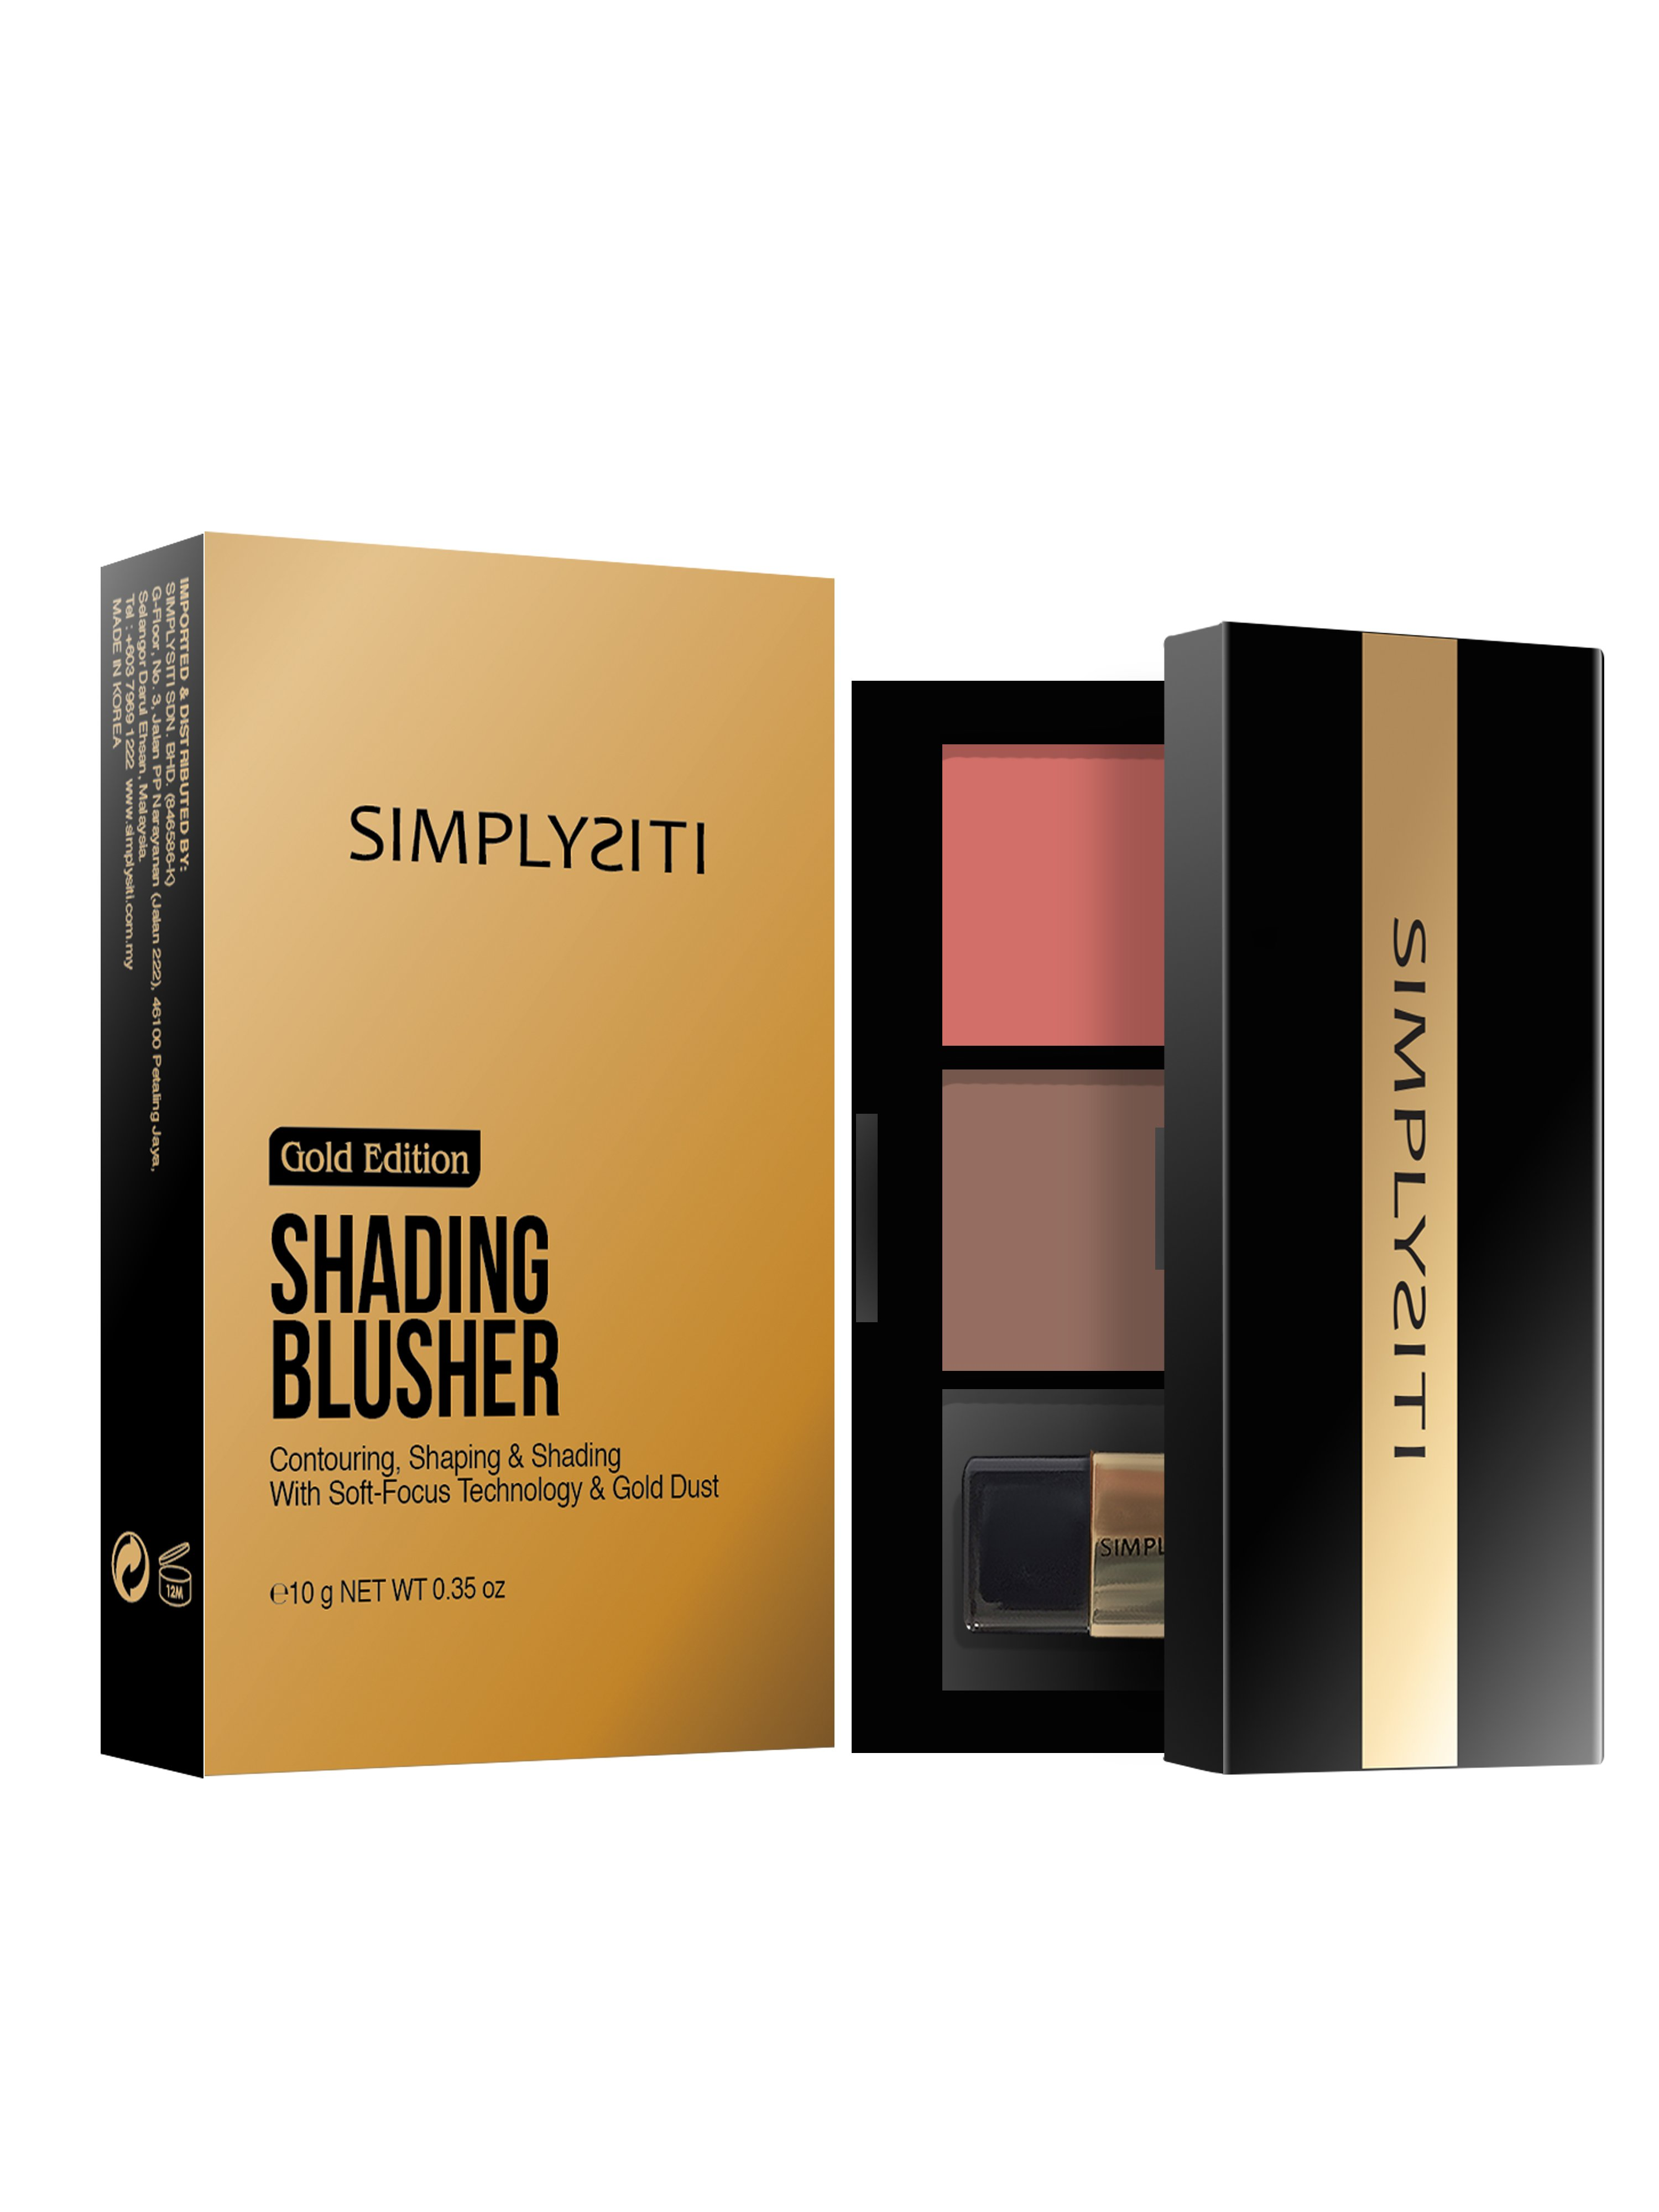 SimplySiti Gold Edition Shading Blusher GSB01